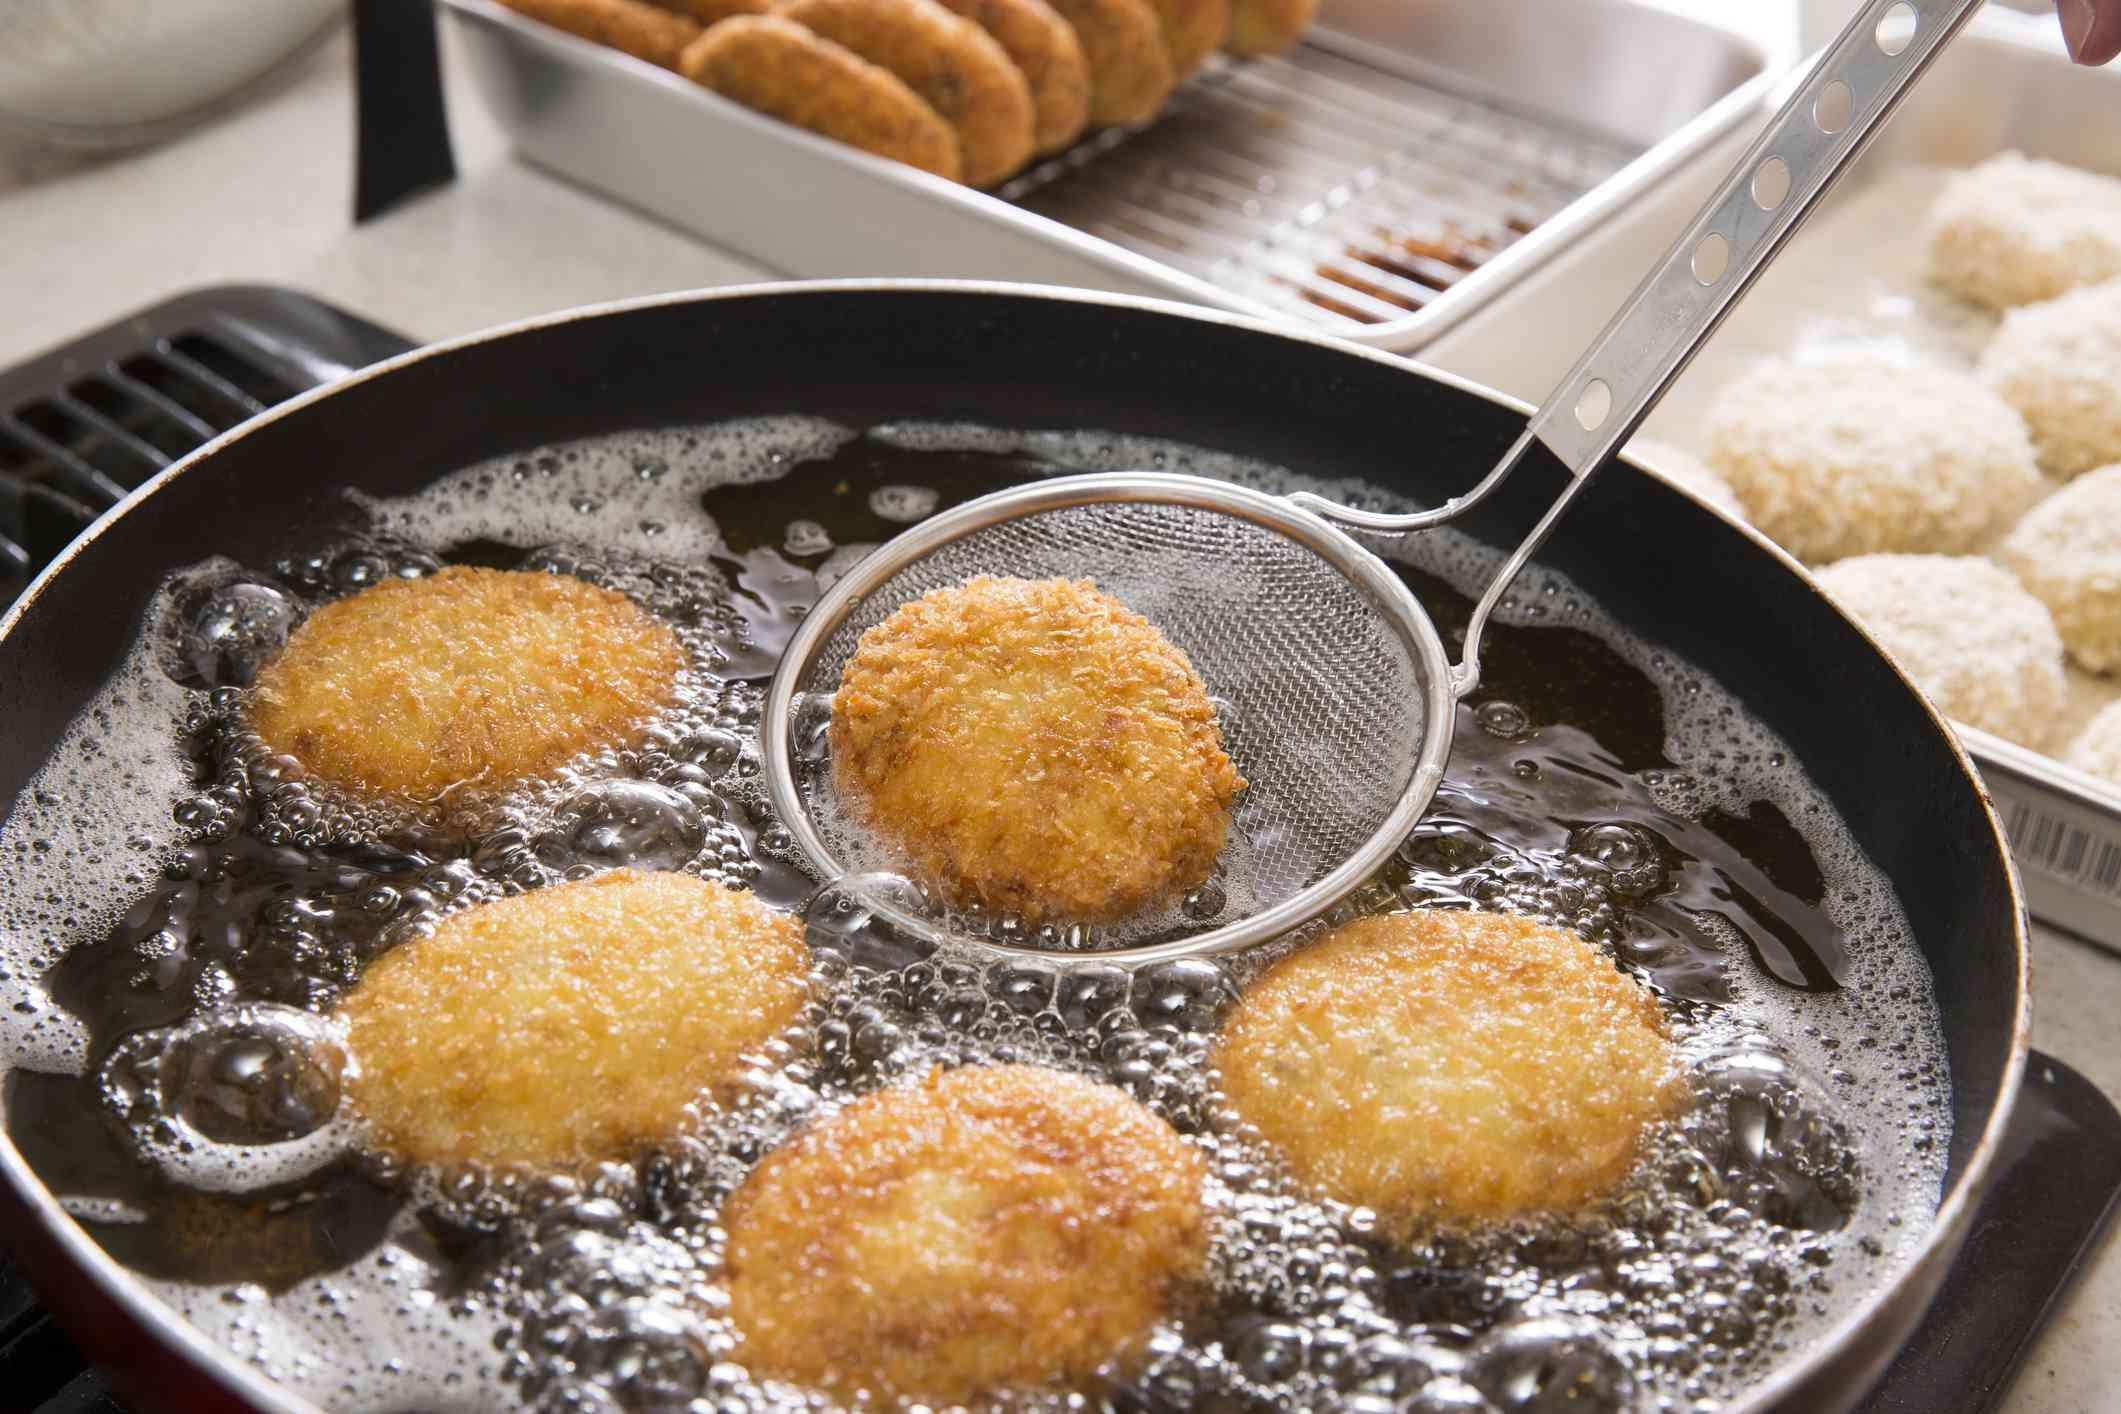 Frying in vegetable oil